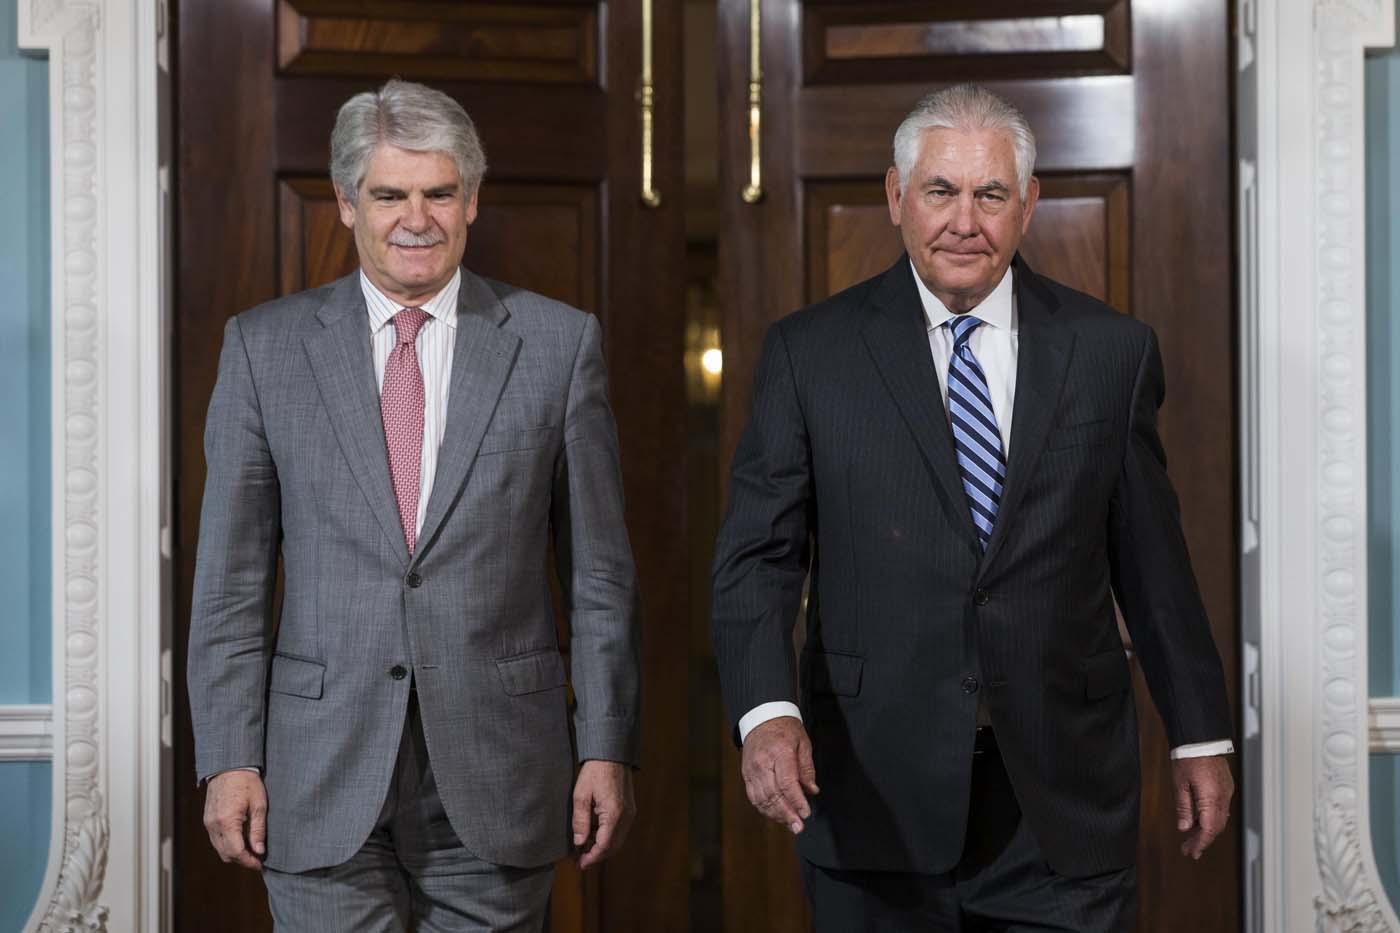 JJL01 WASHINGTON (ESTADOS UNIDOS), 29/06/2017.- El secretario de Estado estadounidense, Rex Tillerson (d), y el ministro español de Exteriores, Alfonso Dastis, durante su reunión en el Departamento de Estado en Washington, Estados Unidos, hoy, 29 de junio de 2017. EFE/JIM LO SCALZO